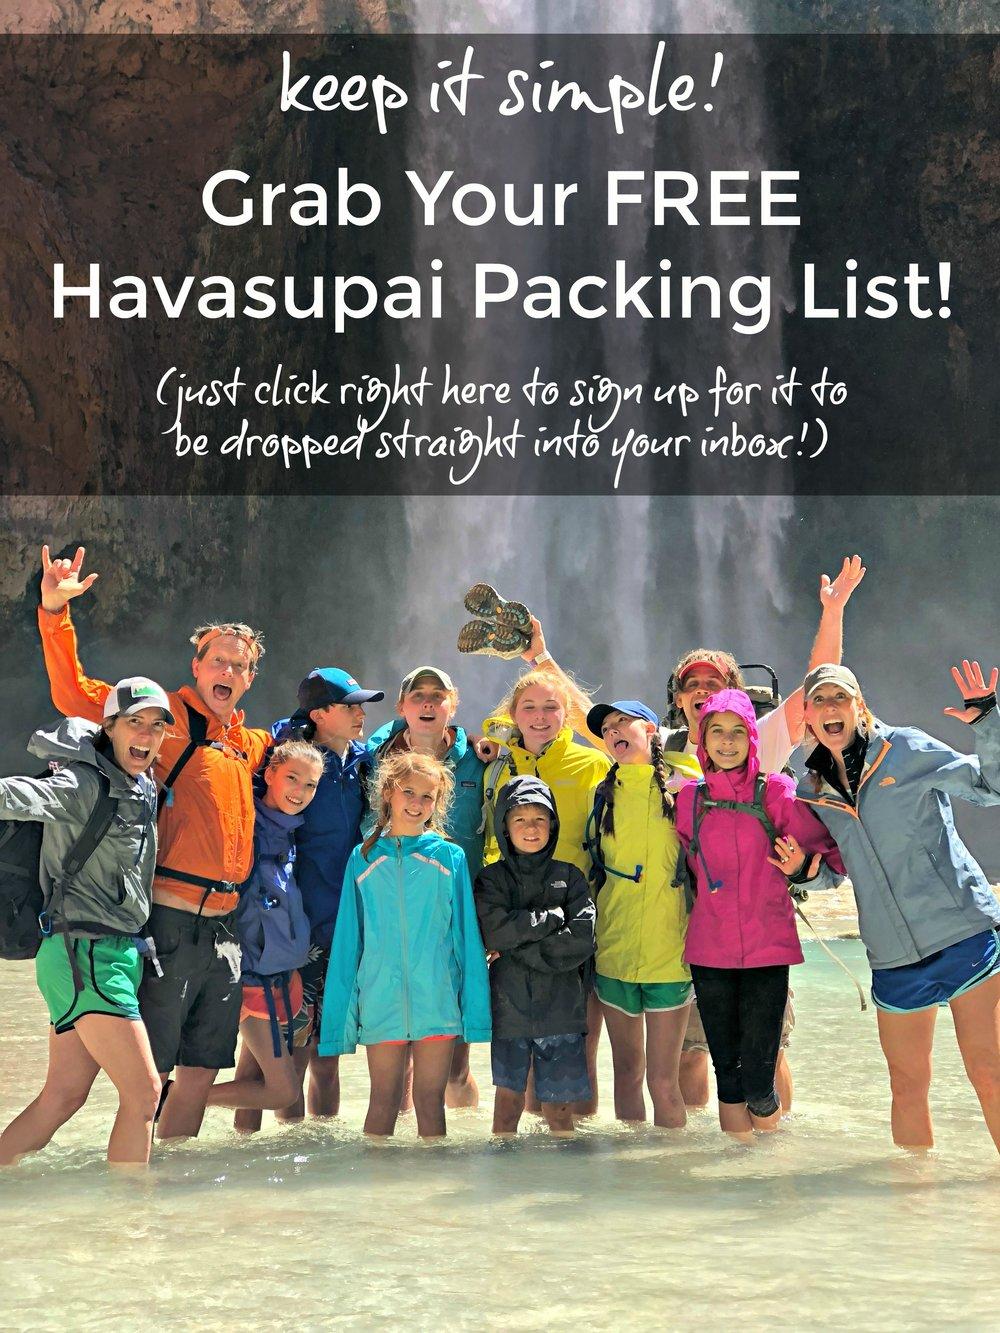 free-pack-list-havasupai